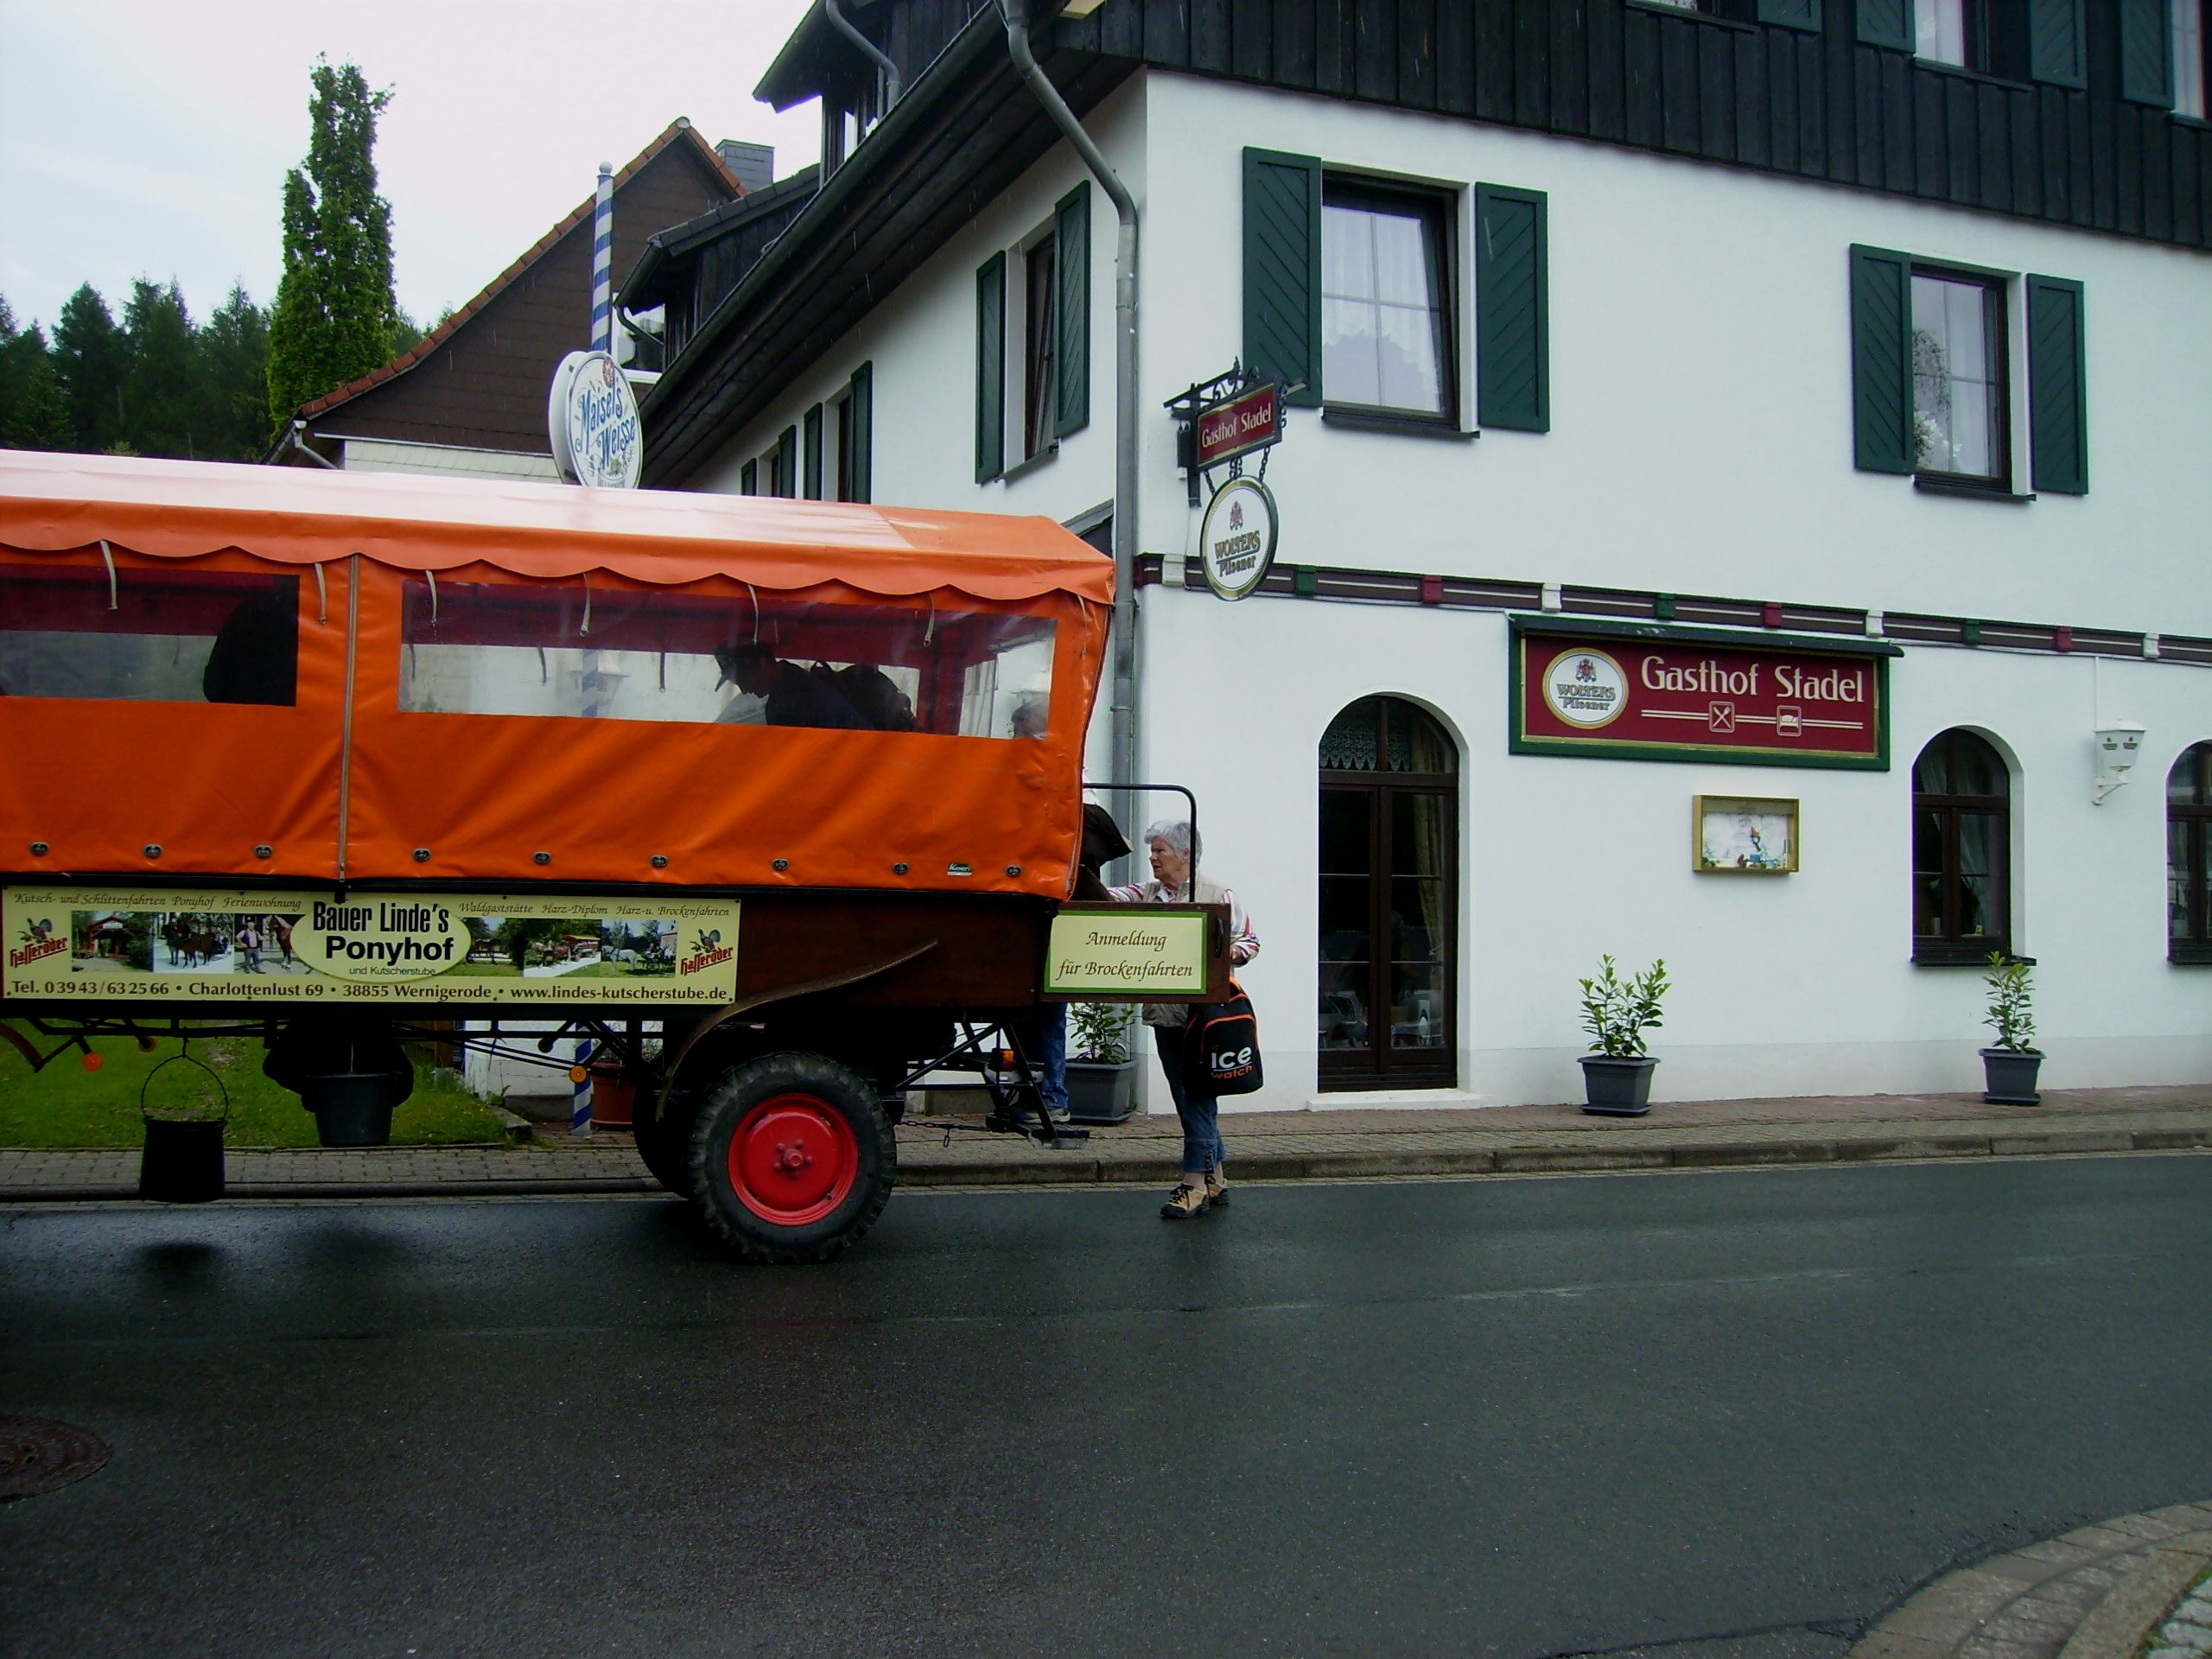 Gasthof Stadel